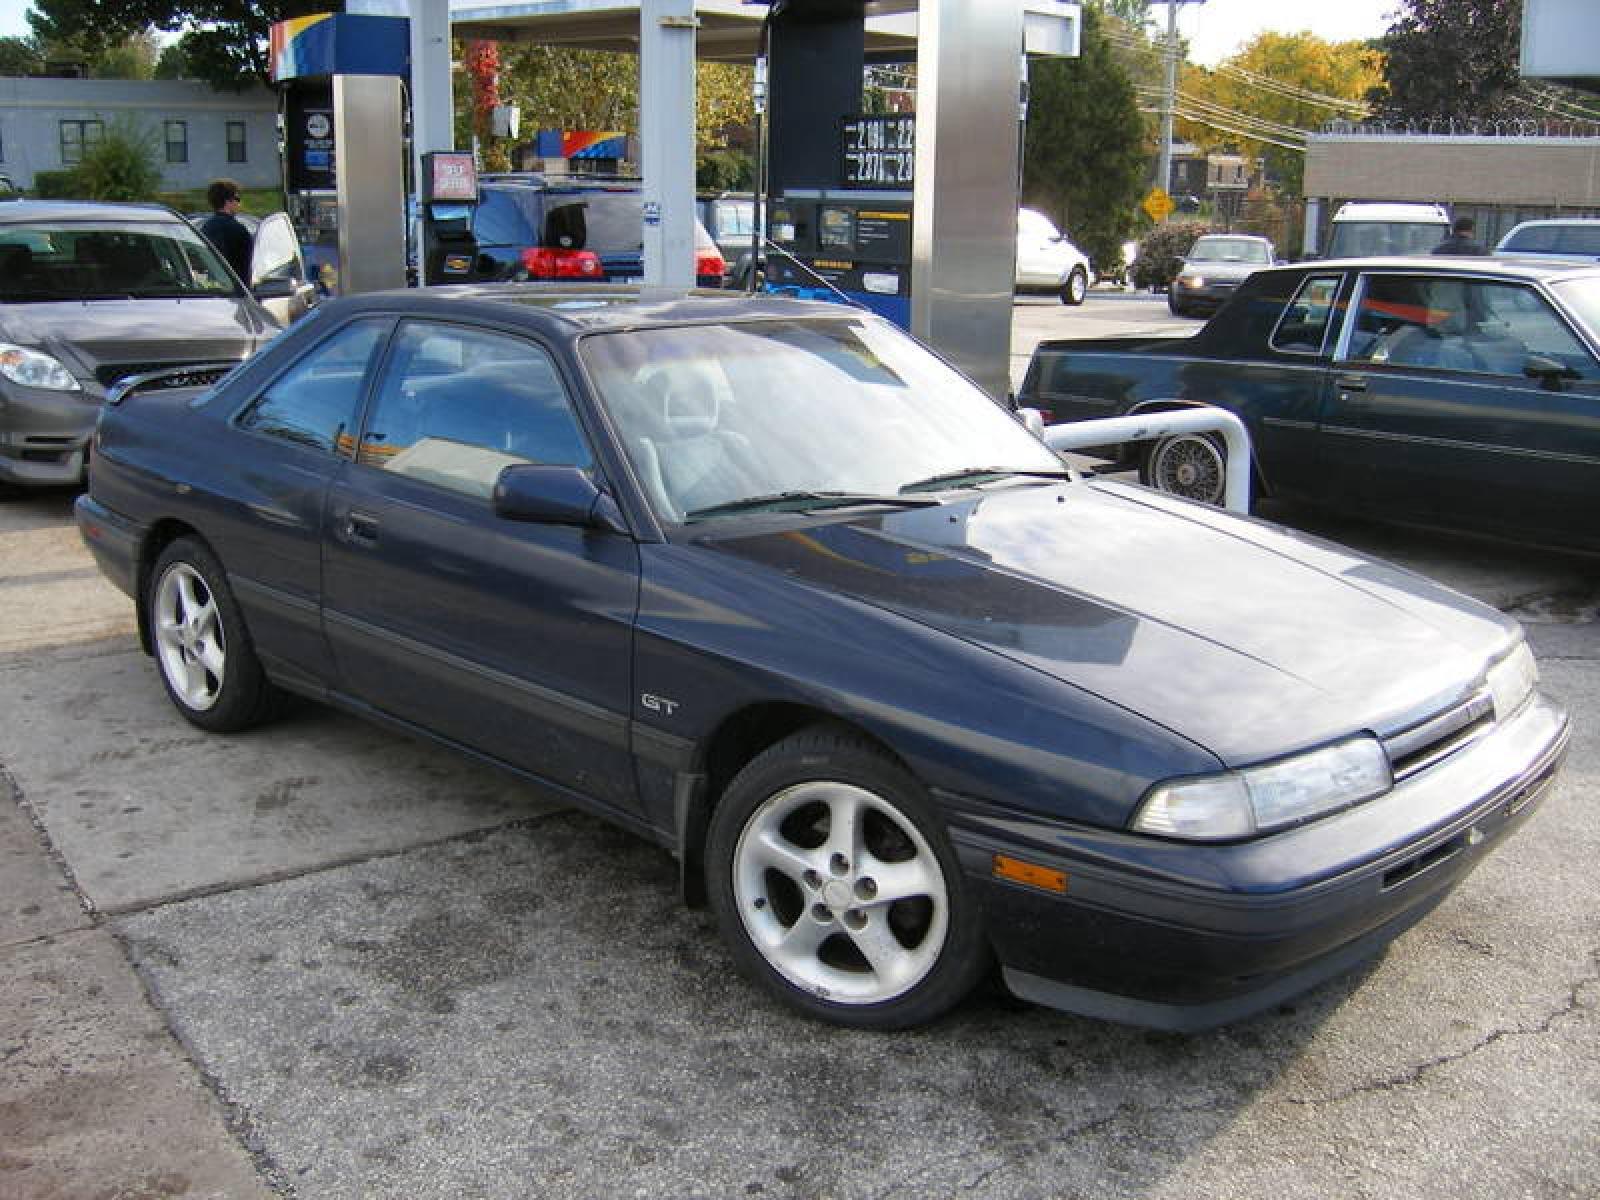 800 1024 1280 1600 Origin 1992 Mazda